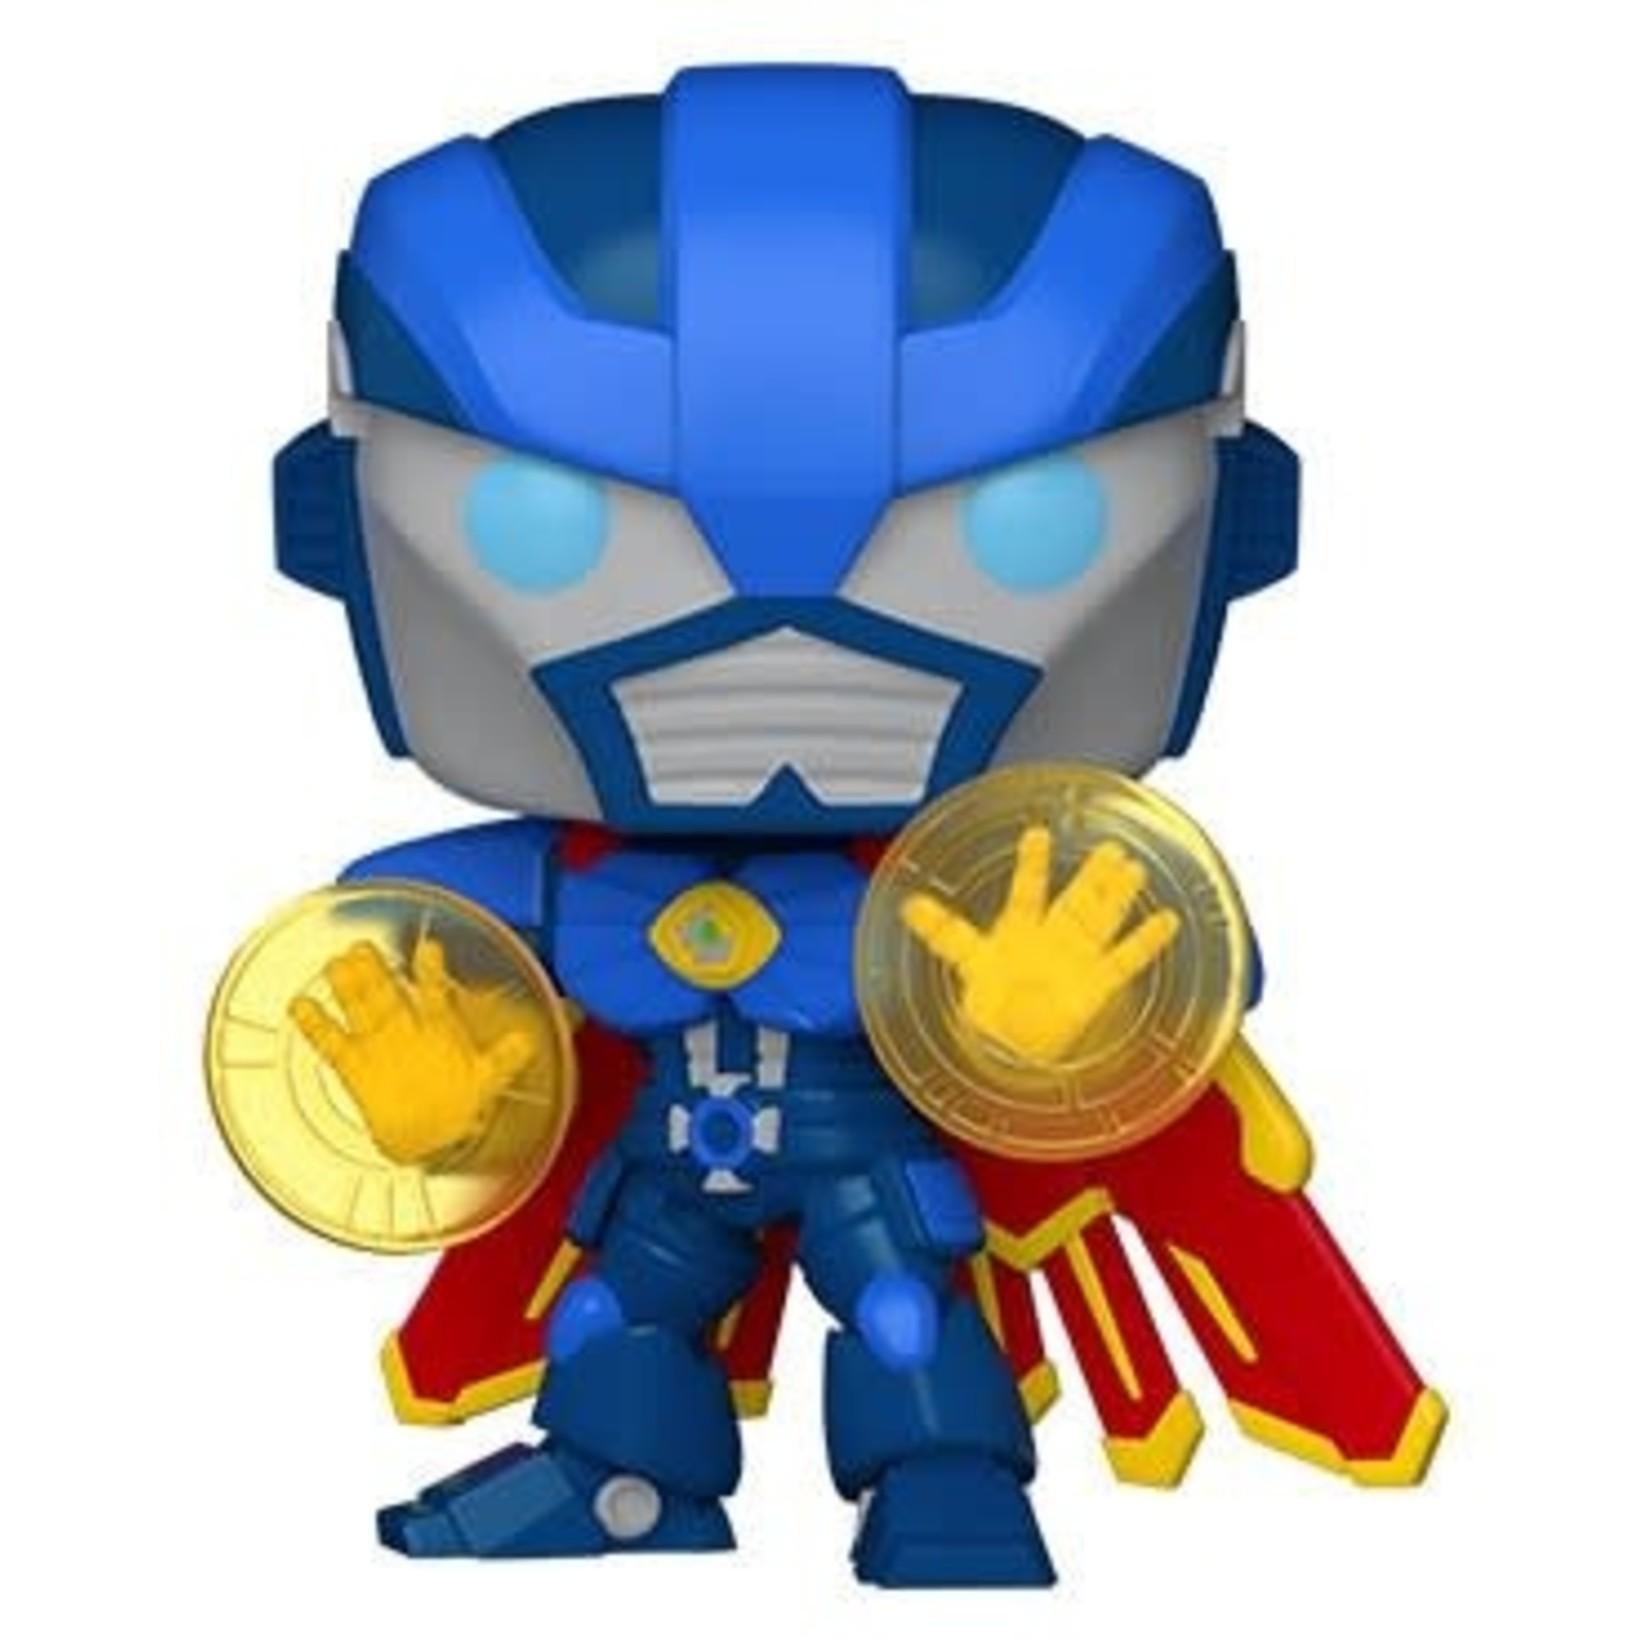 Funko Pop! POP! Marvel Mech - Dr Strange